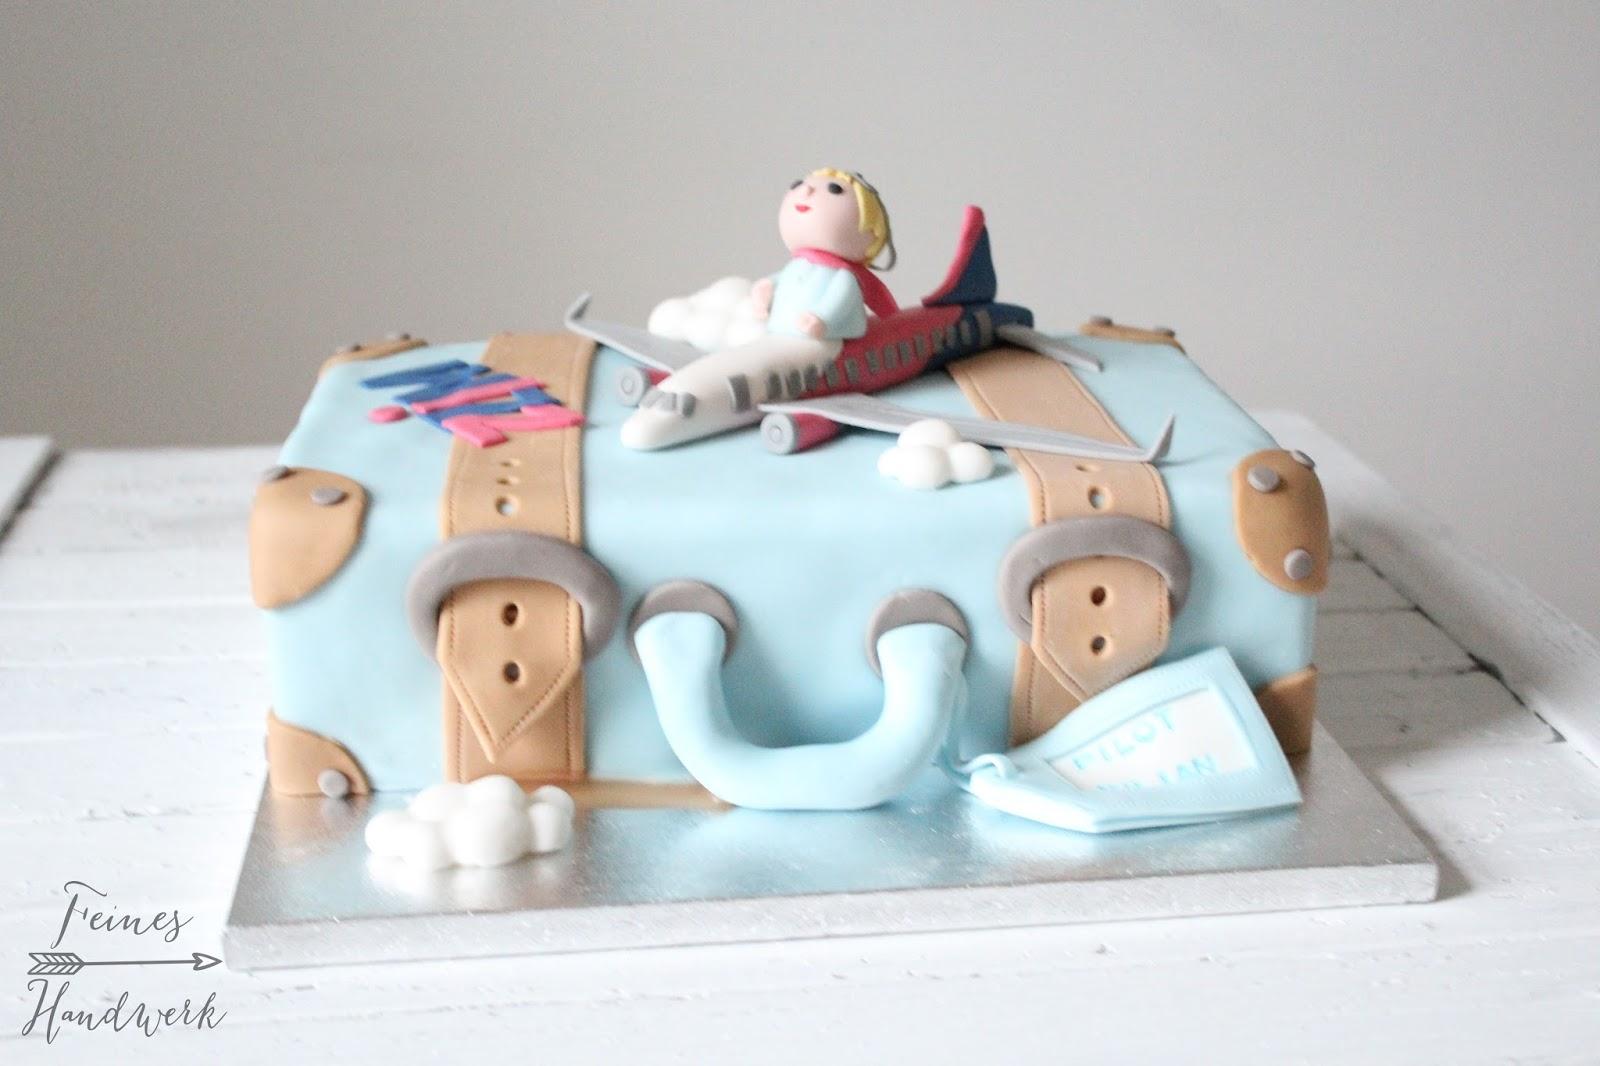 Feines Handwerk Kleine Koffer Torte zum 7 Geburtstag